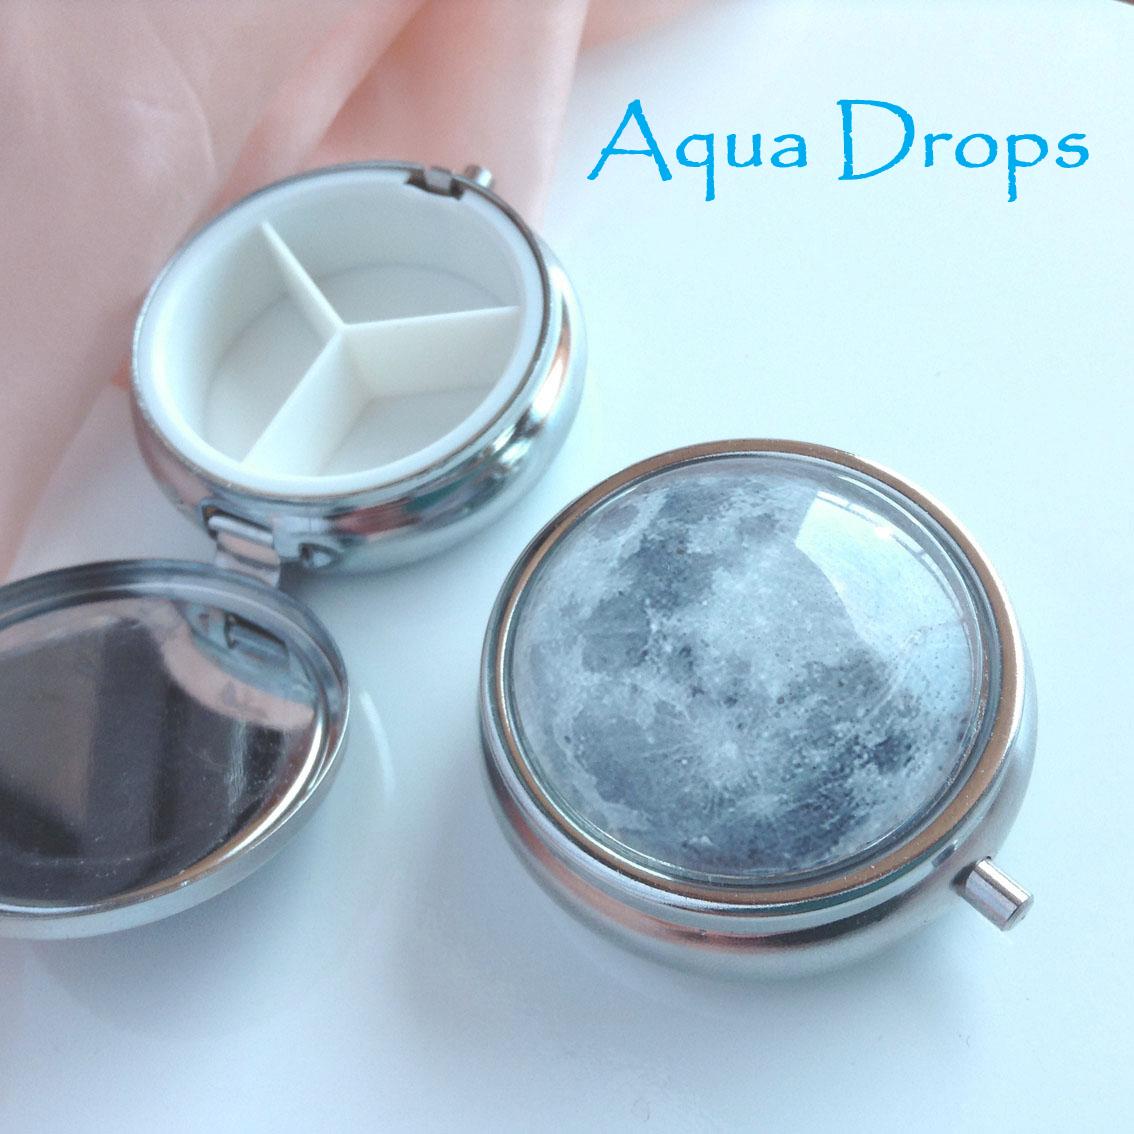 2017_お月さまをヒトリジメ Aqua Drops_08